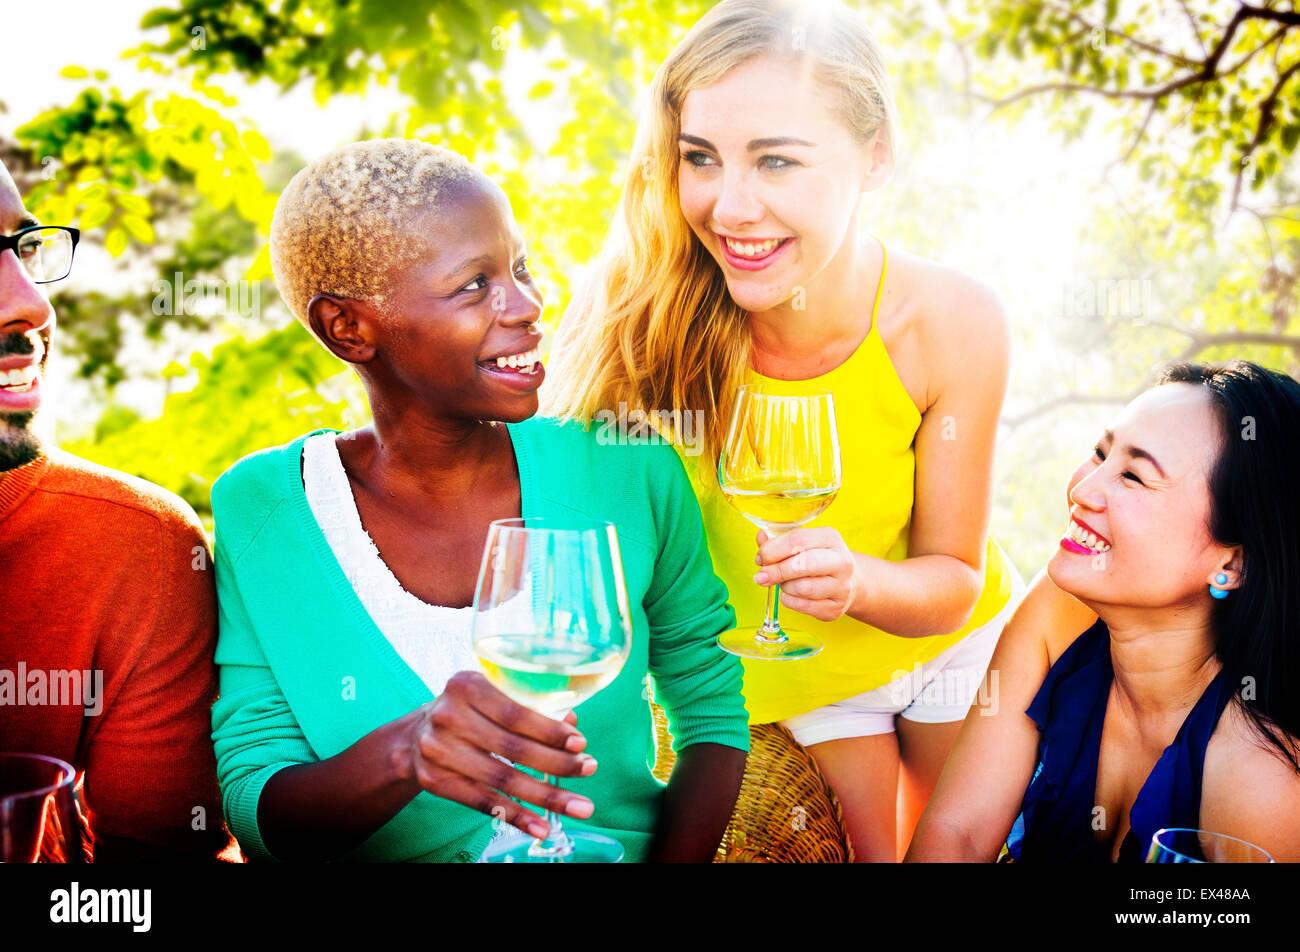 Las niñas hablando escalofriante amistad amigos concepto de ocio Imagen De Stock